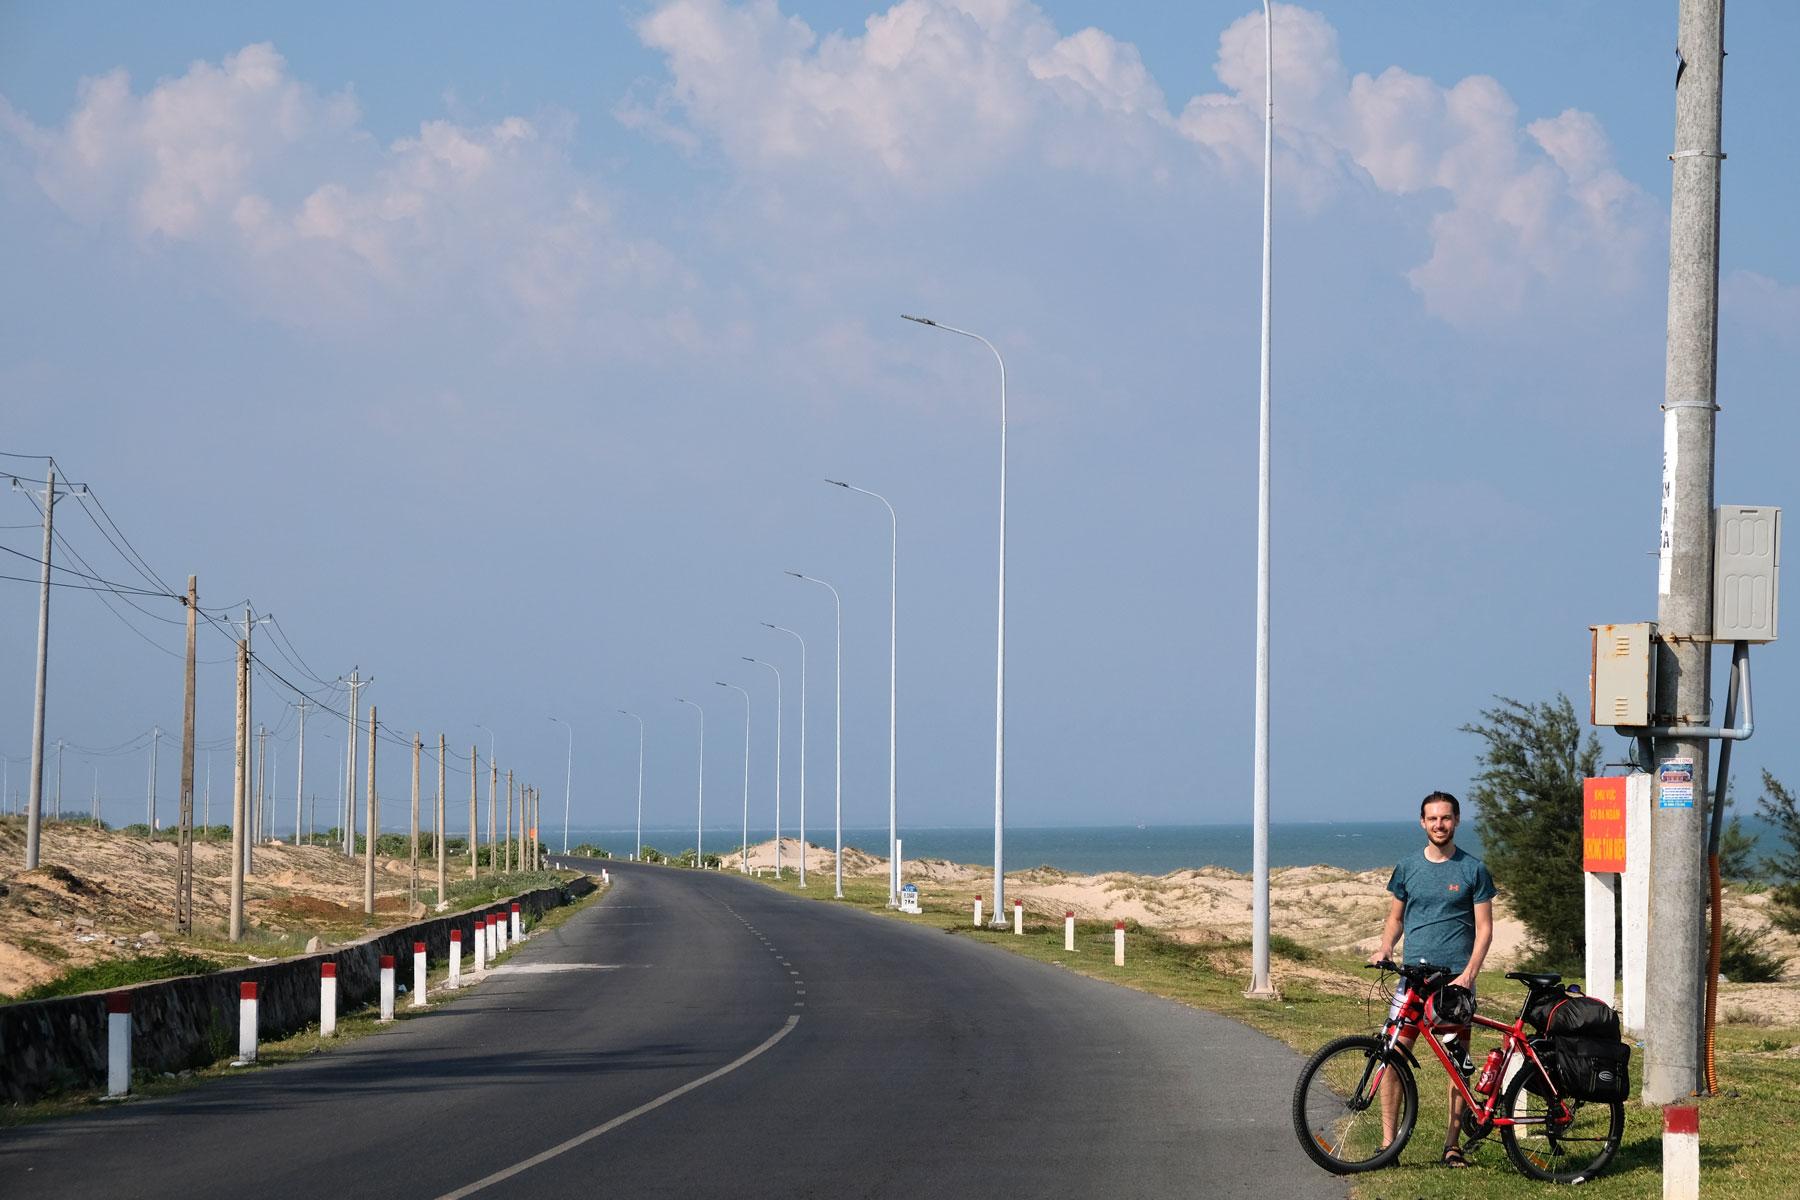 Sebastian steht mit einem Fahrrad an einer Straße in Vietnam.